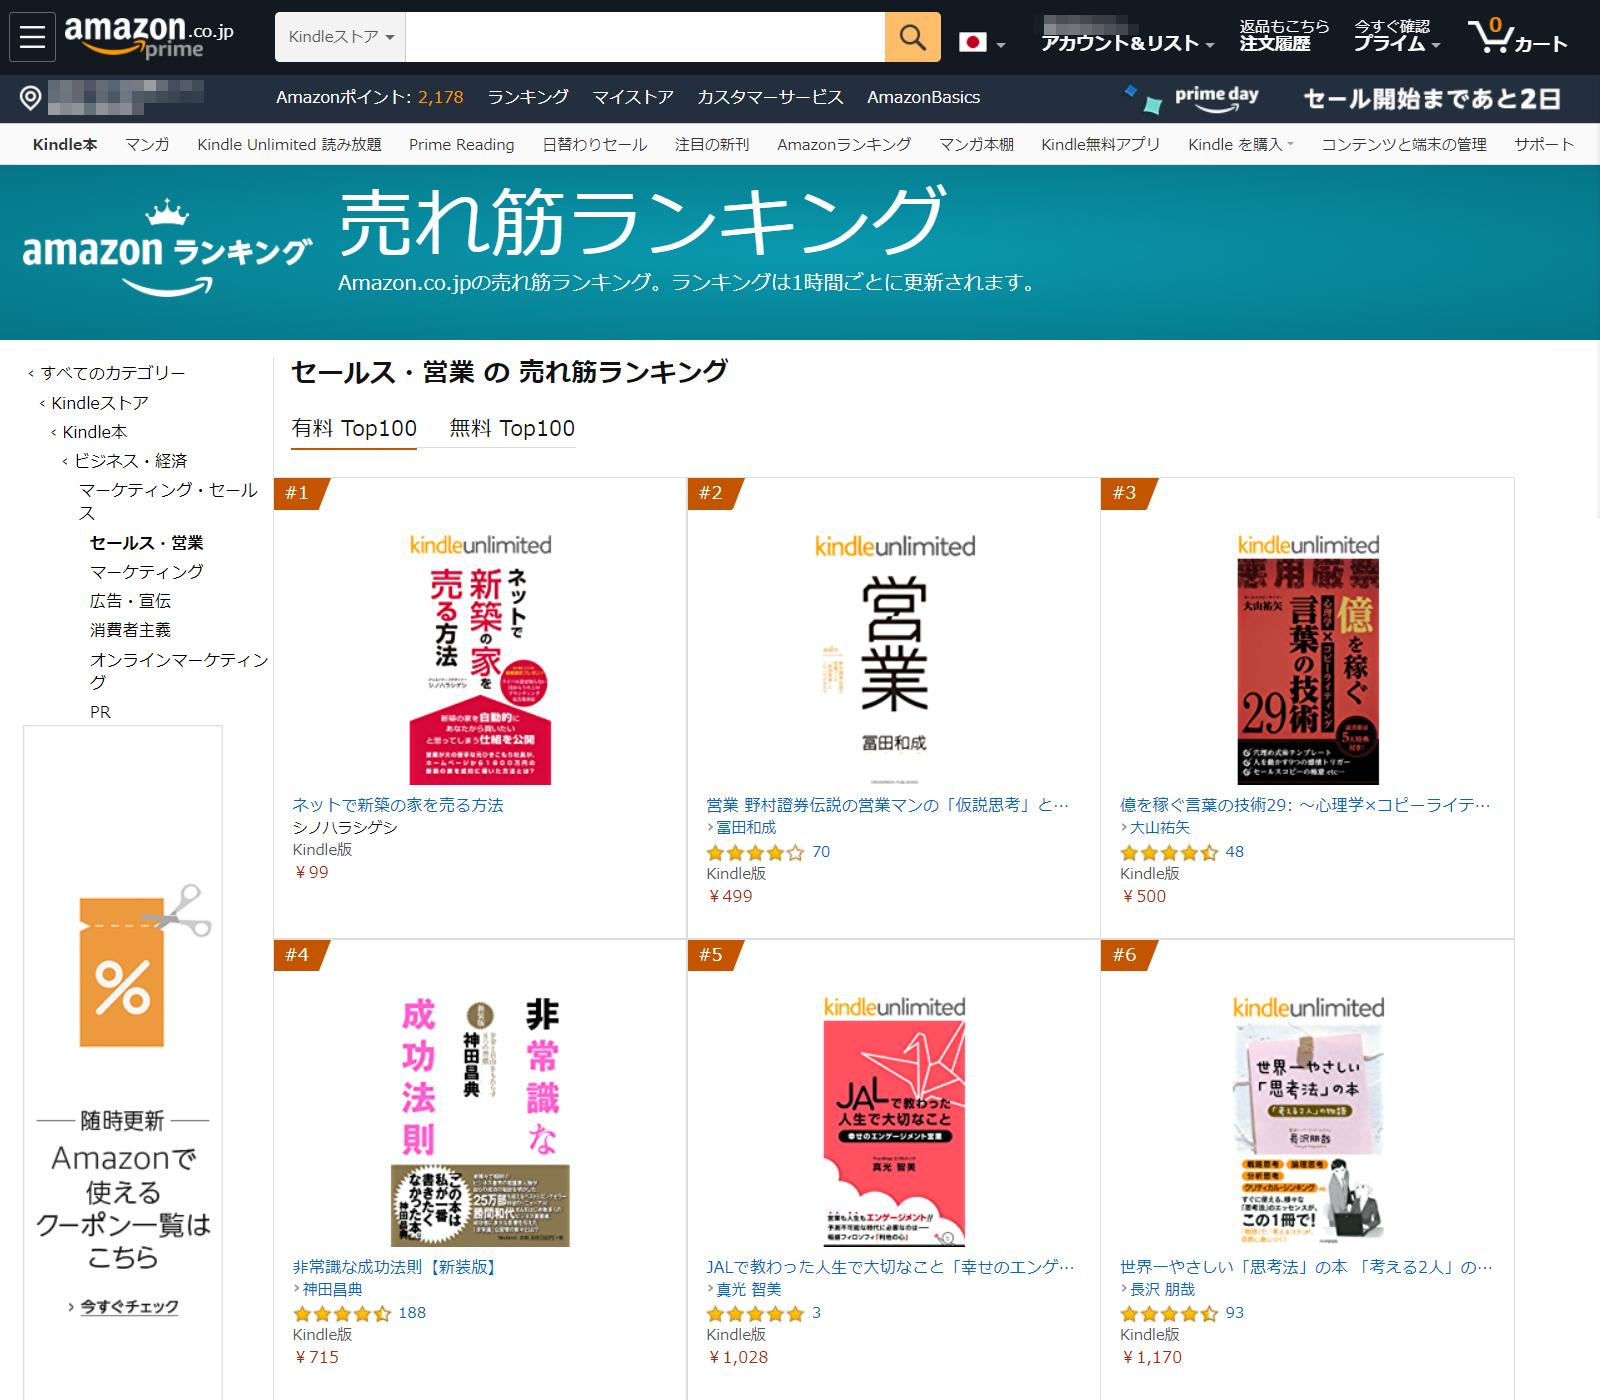 【ご報告】Amazonで本を出版しました、そしてなんと1位になりました!